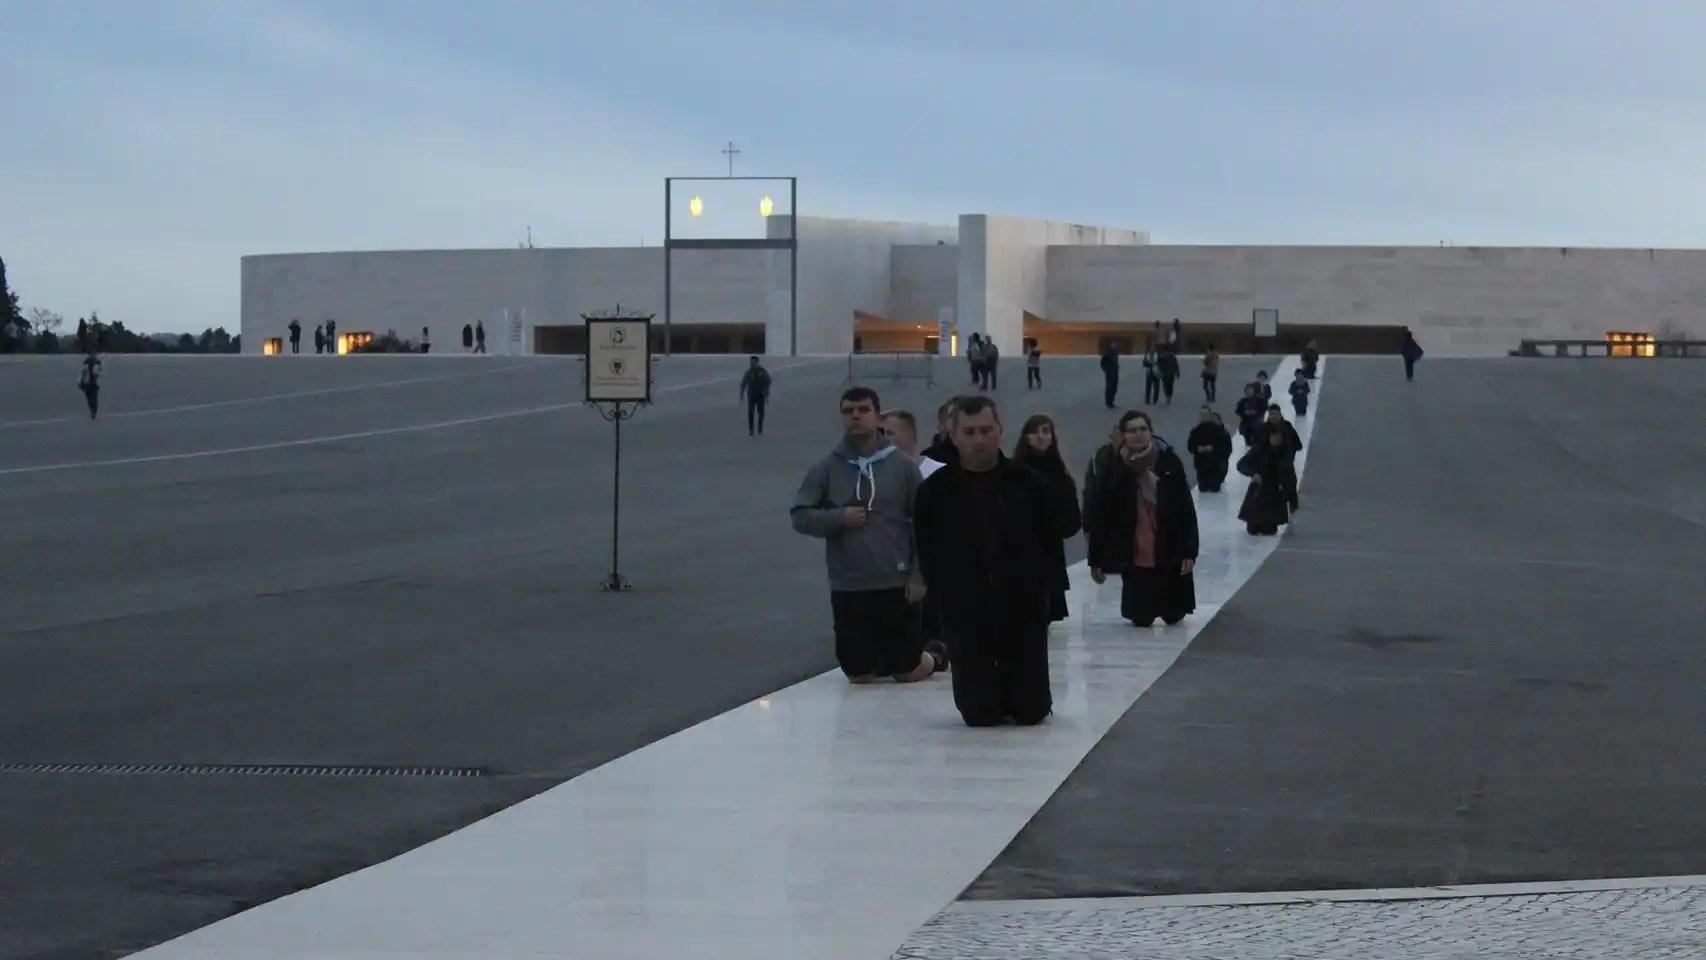 Largas hileras de peregrinos bajan la explanada del santuario arrodillados en la actualidad.